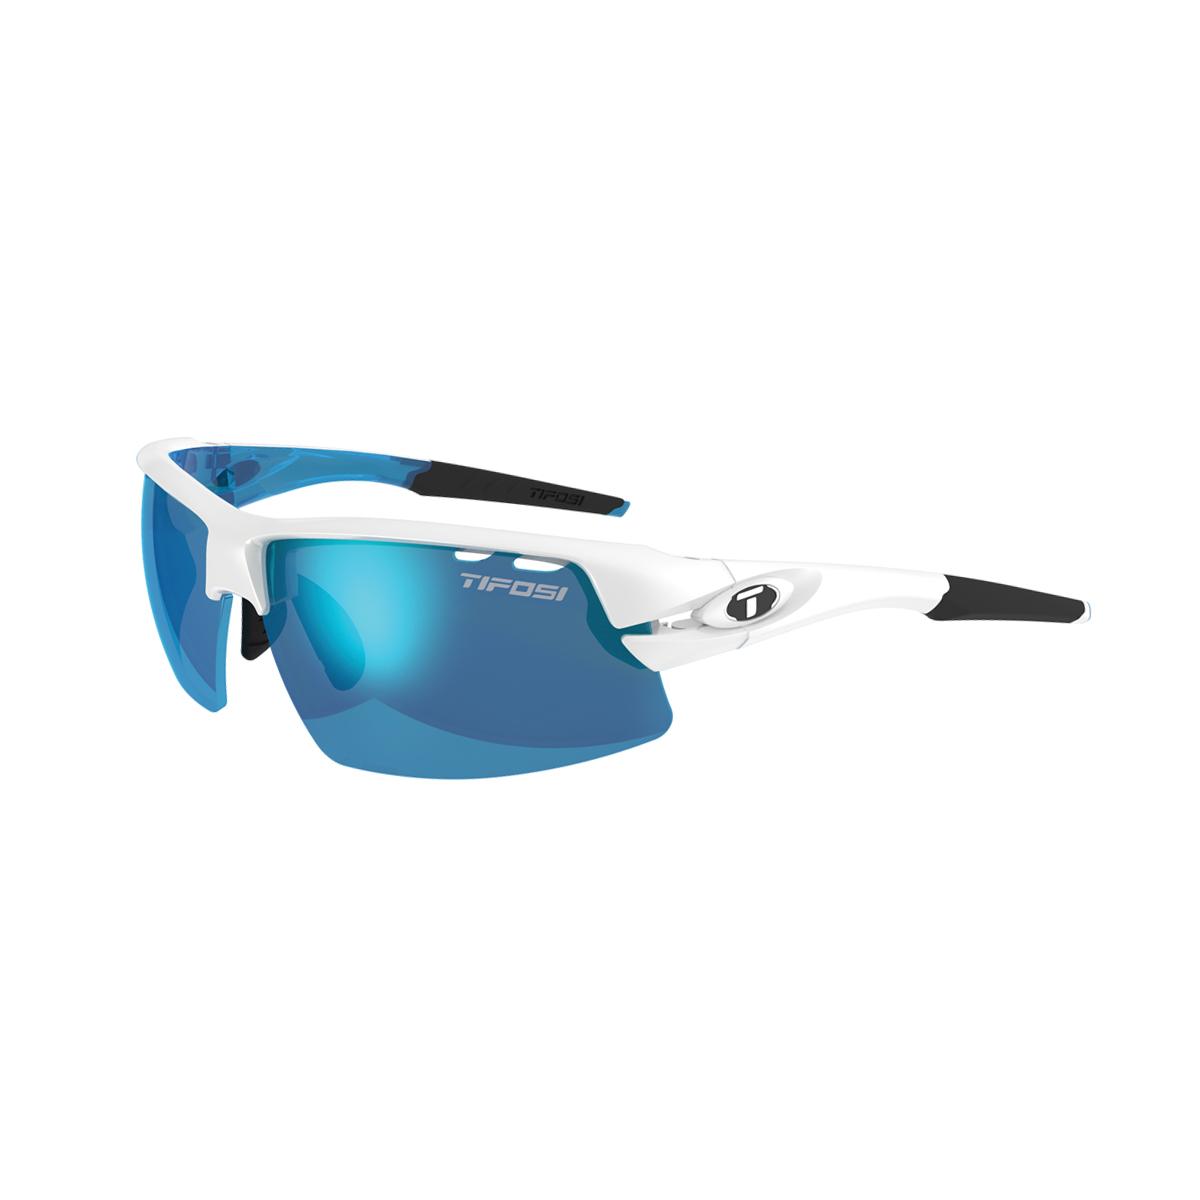 78c0034b6787 Tifosi Crit Half Frame Interchangeable Lens Glasses - White Blue £69.99